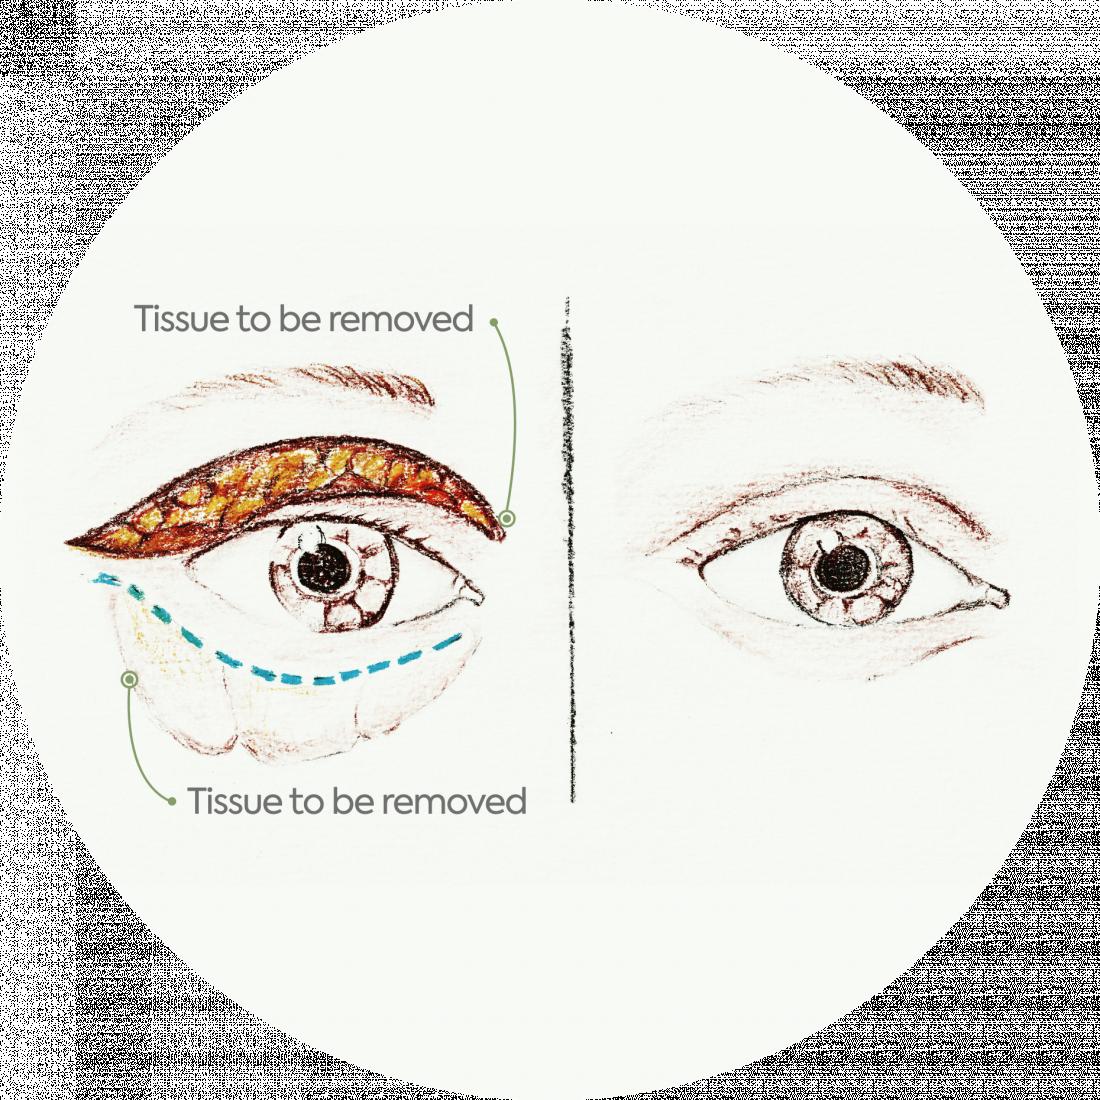 Procedure Details: Blepharoplasty